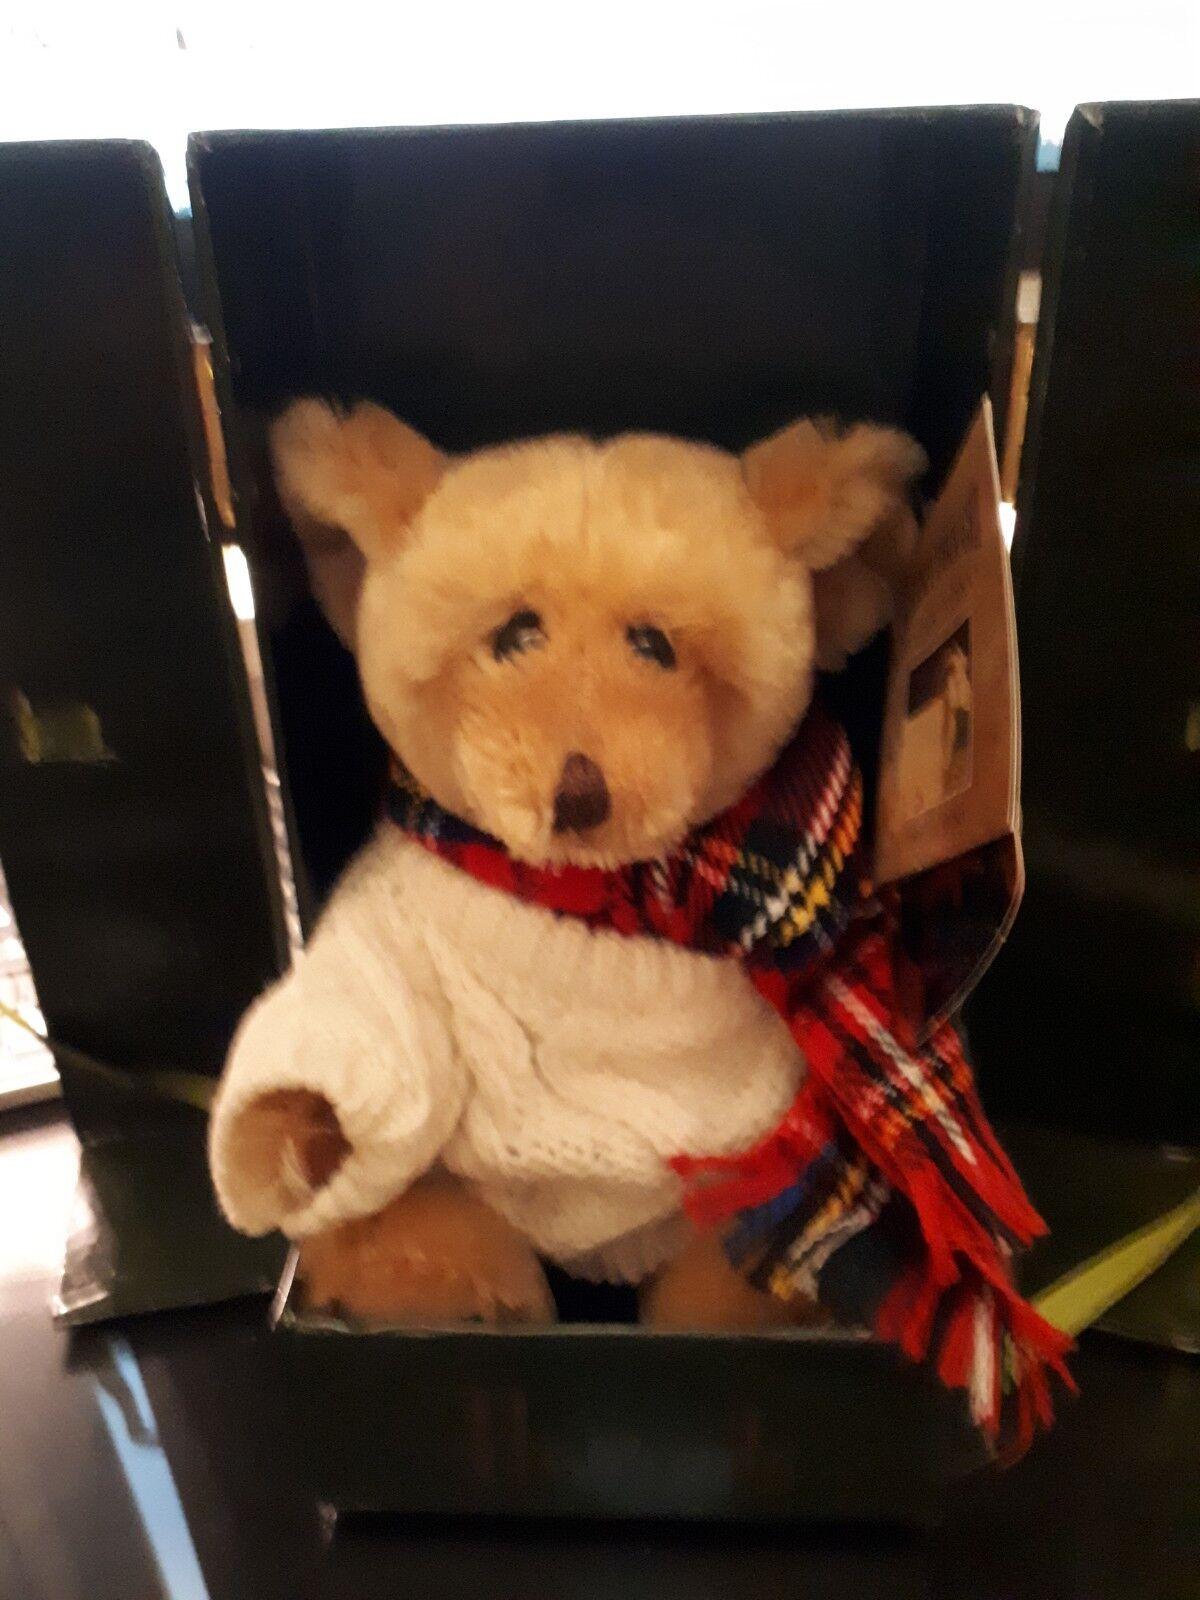 HARRODS Merry anche se gli orsi 2002